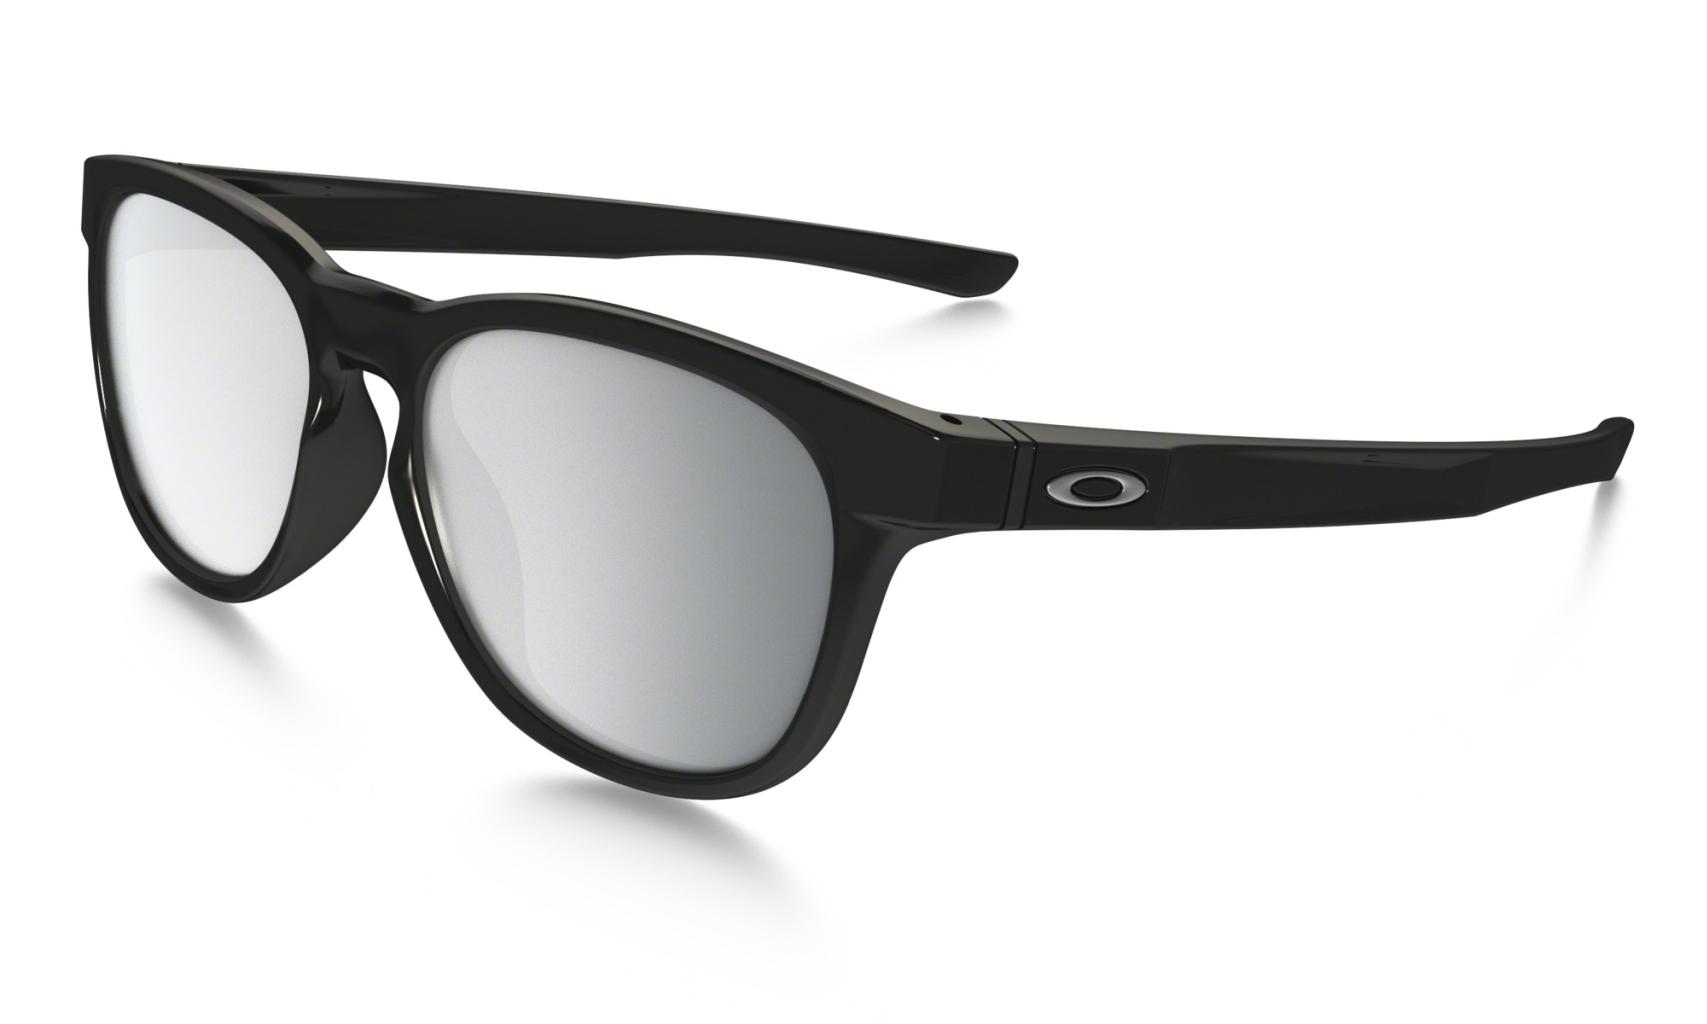 Oakley Stringer PlshdBlack w/ Chrome Irid-30